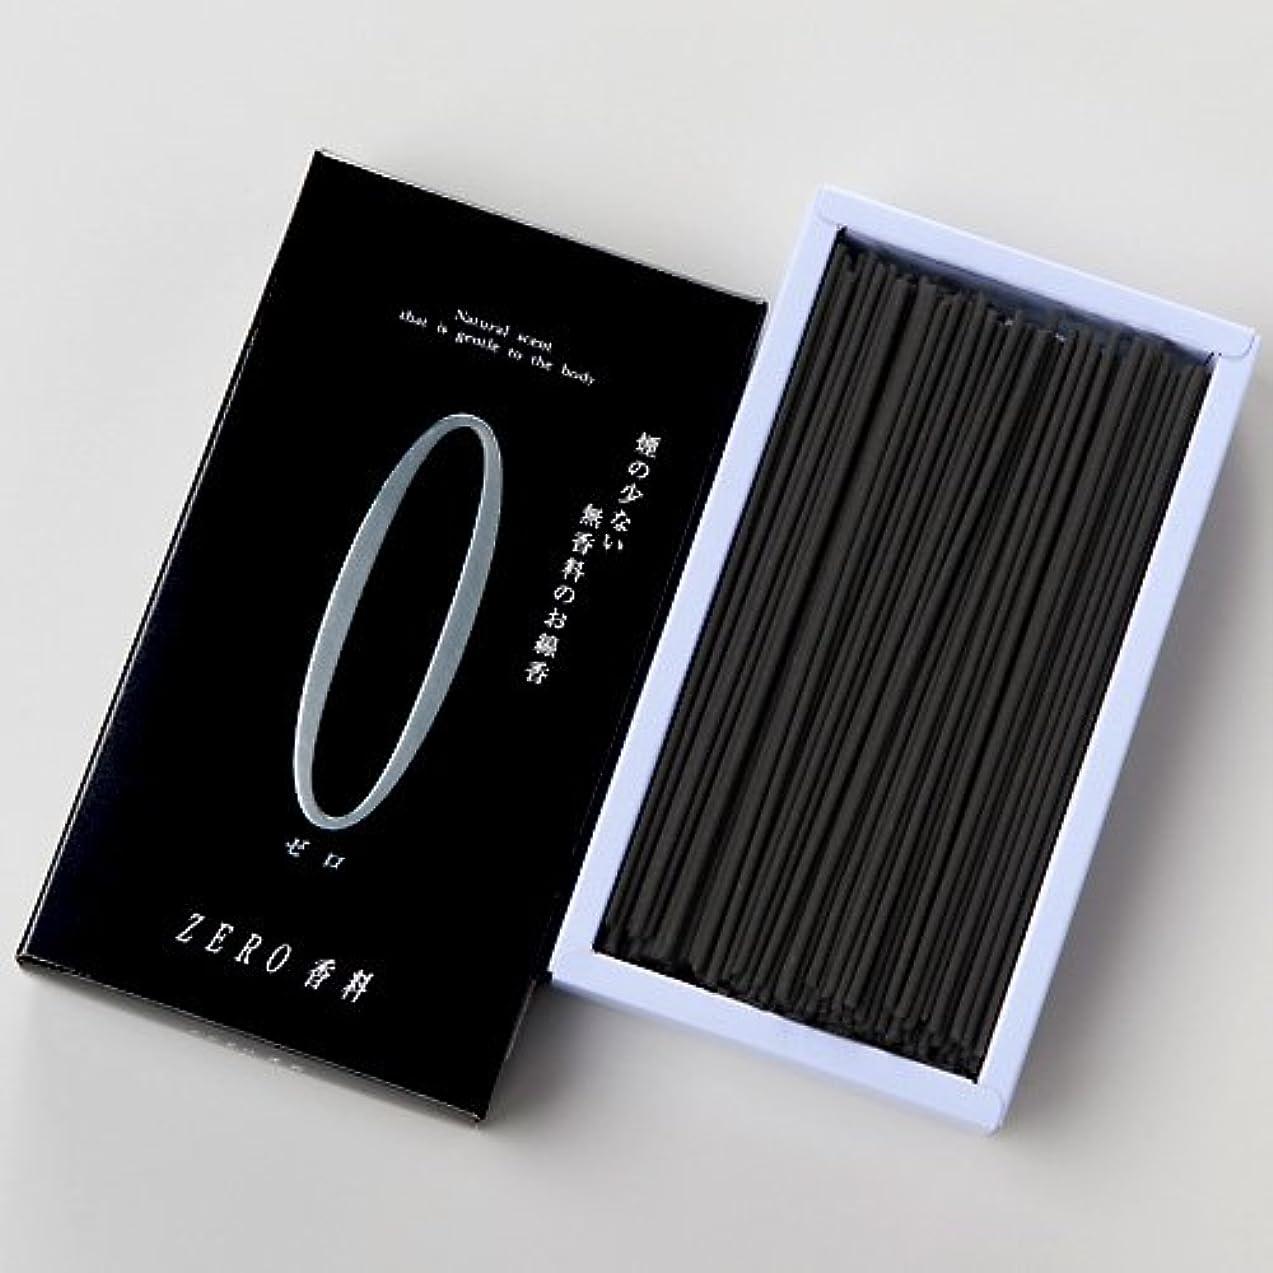 周波数北米着実に家庭用線香 ZERO(ゼロ)香料 黒 中箱(箱寸法16.5×9×3.2cm)◆無香料の超微煙タイプのお線香(奥野晴明堂)